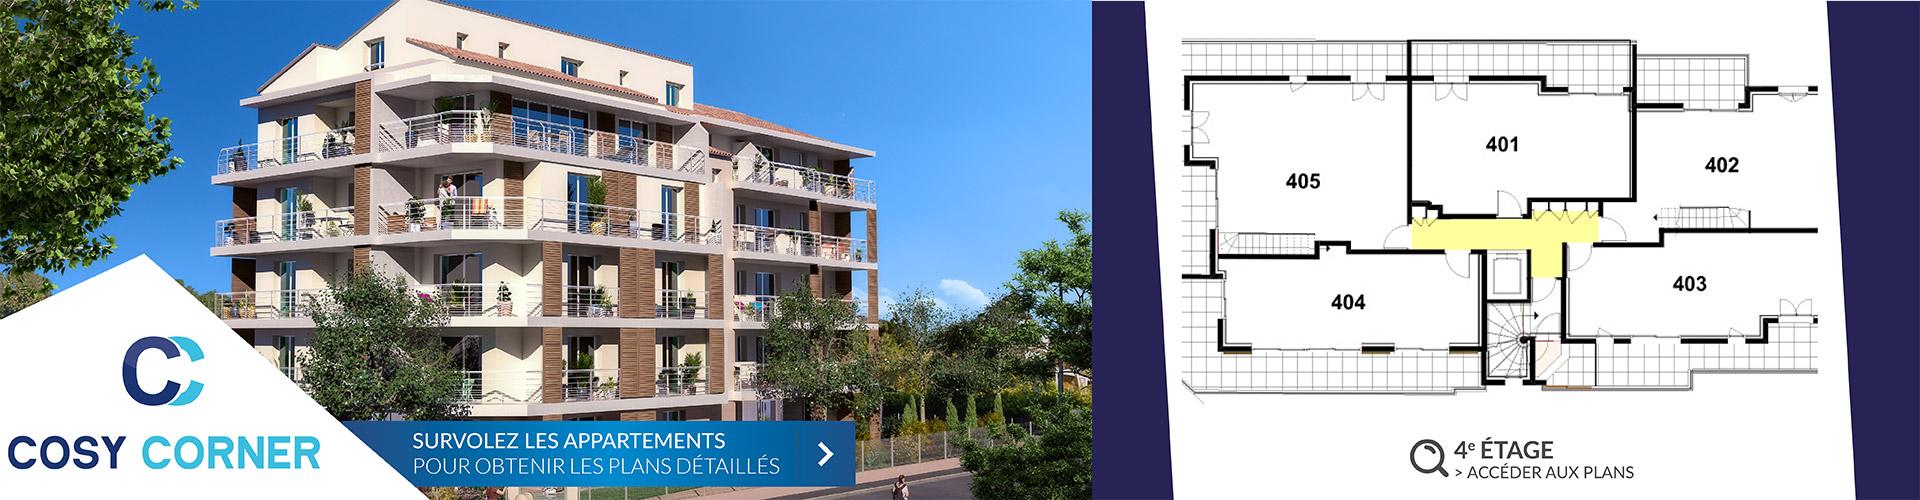 Résidence Cosy Corner à Toulon 83 - Logements neufs 4e etage